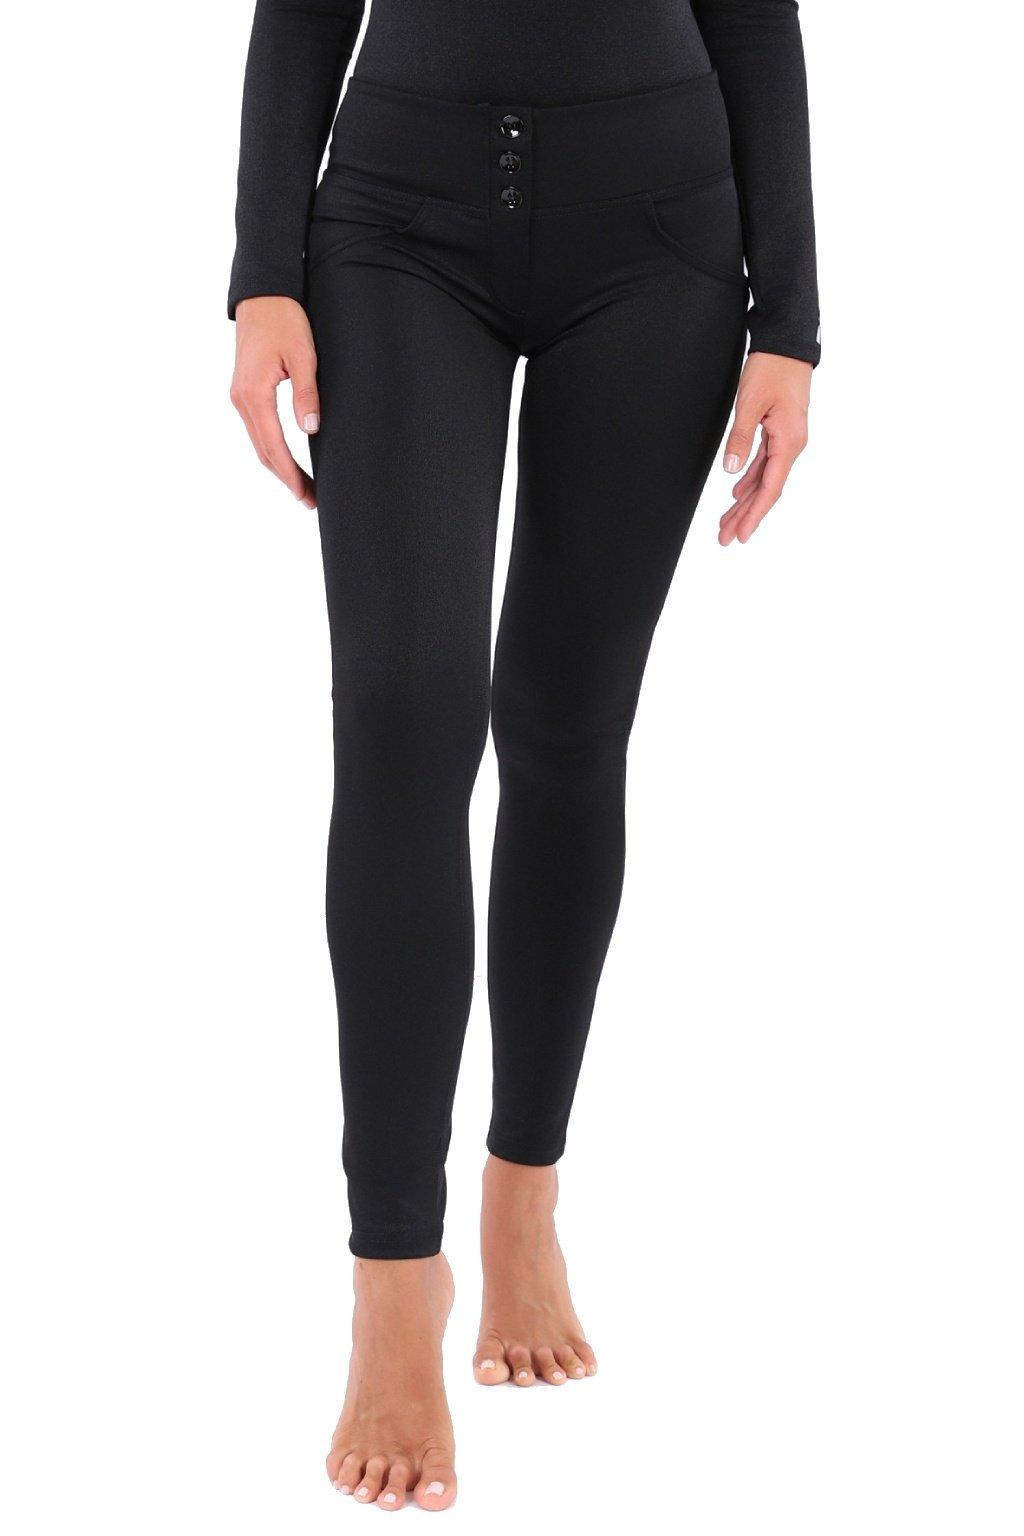 Cerne freddy kalhoty wr.up lurex vysoky pas leginy knofliky skinny superskinny originalni freddy jeans italie sleva slevovy kupon freddy darek (2)